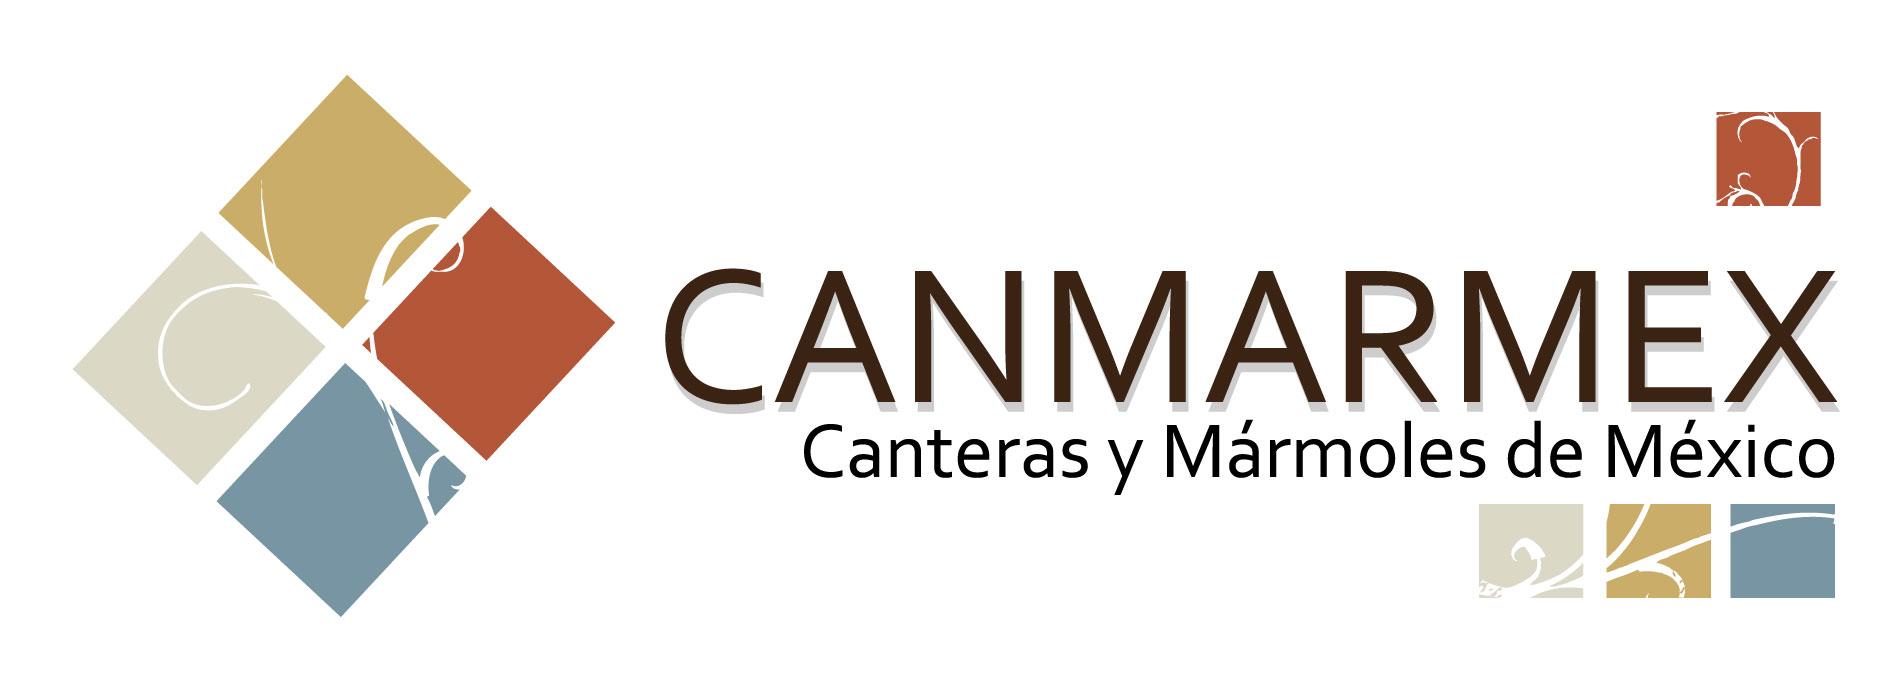 Canmarmex canteras y m rmoles de m xico quer taro for Canteras y marmoles